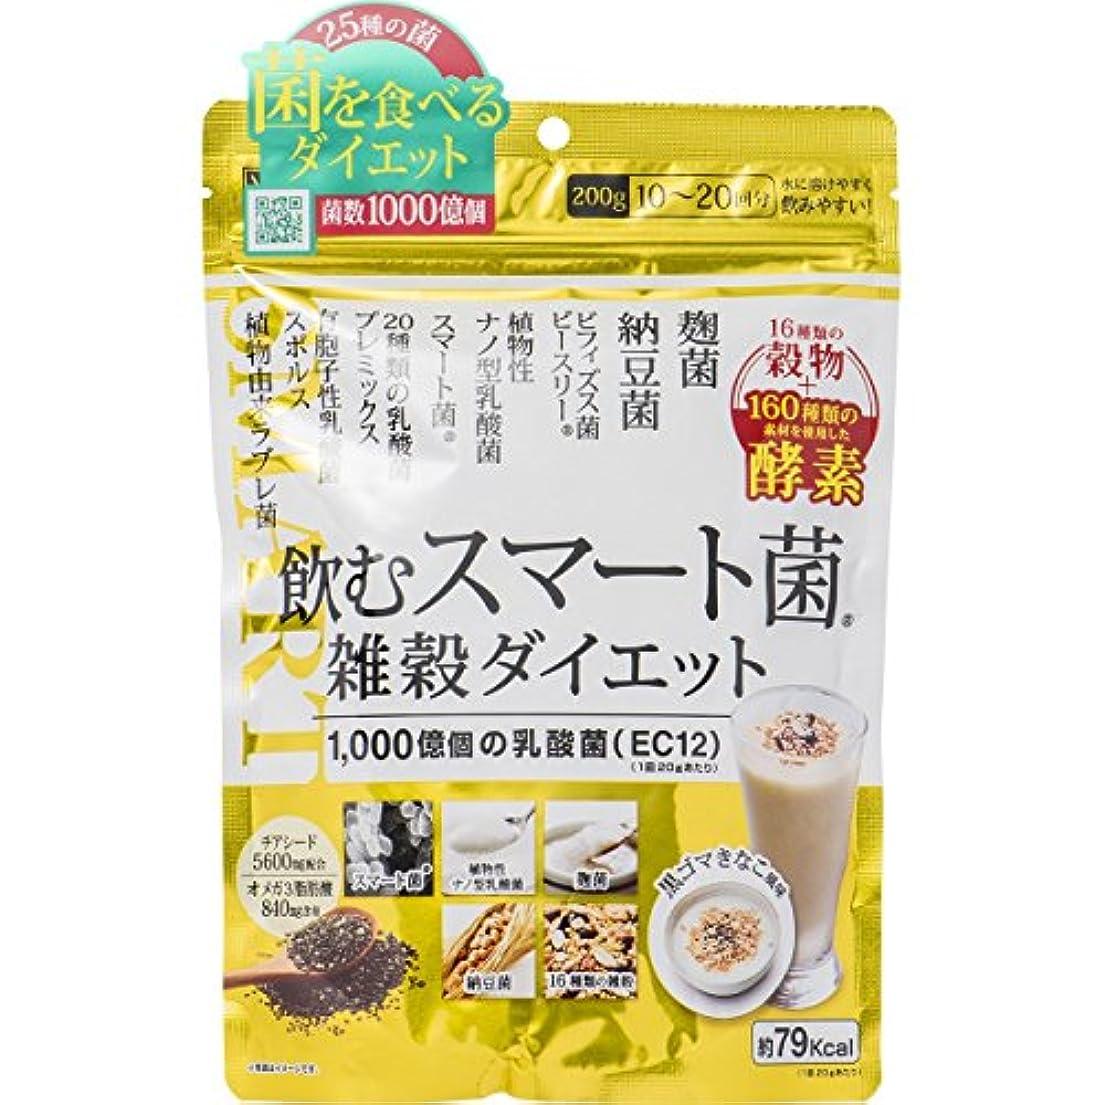 頼る瞑想する保険をかける【お徳用3個セット】飲むスマート菌 雑穀ダイエット 200g ×3個セット